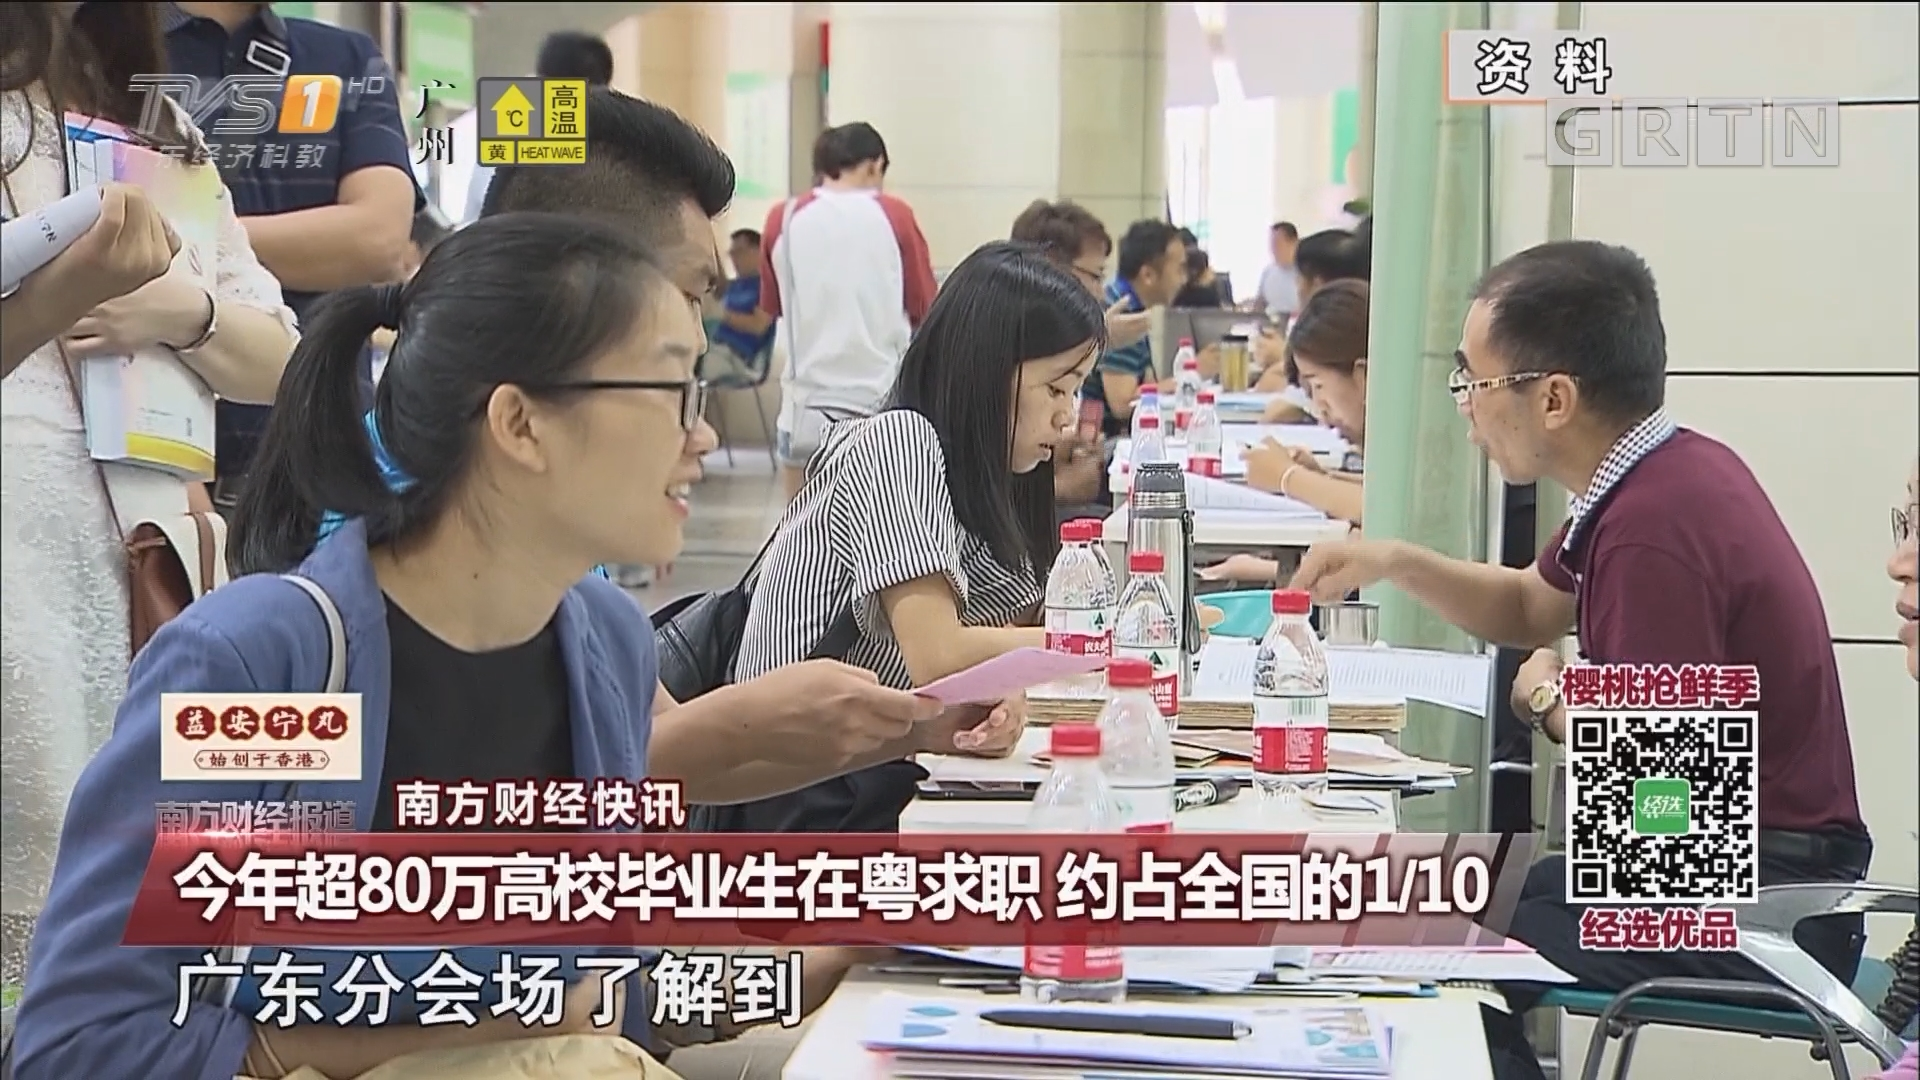 今年超80万高校毕业生在粤求职 约占全国的1/10